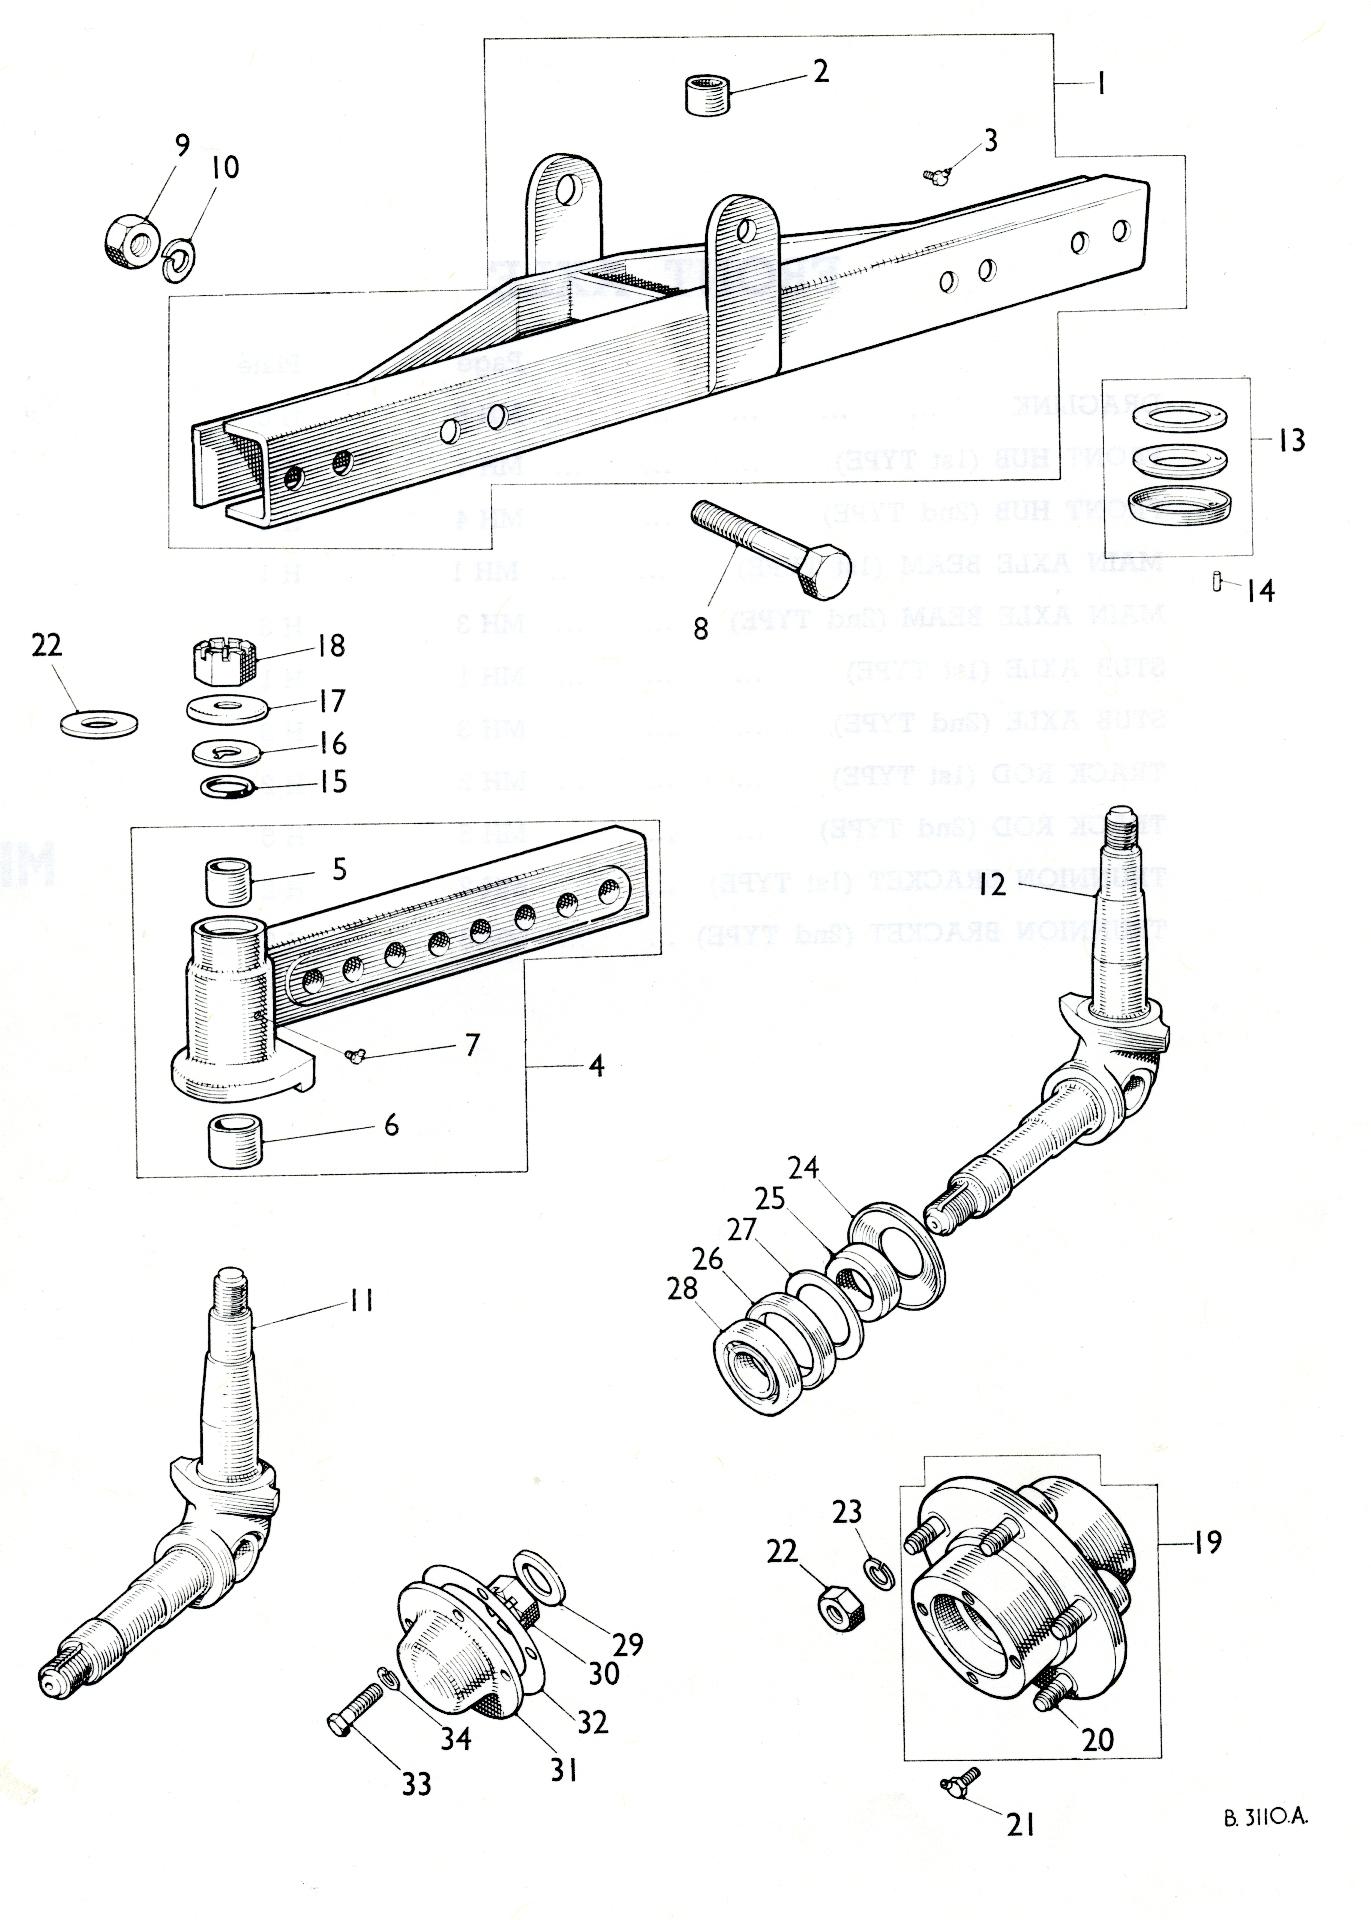 Amk4134 Front Wheel Bearing